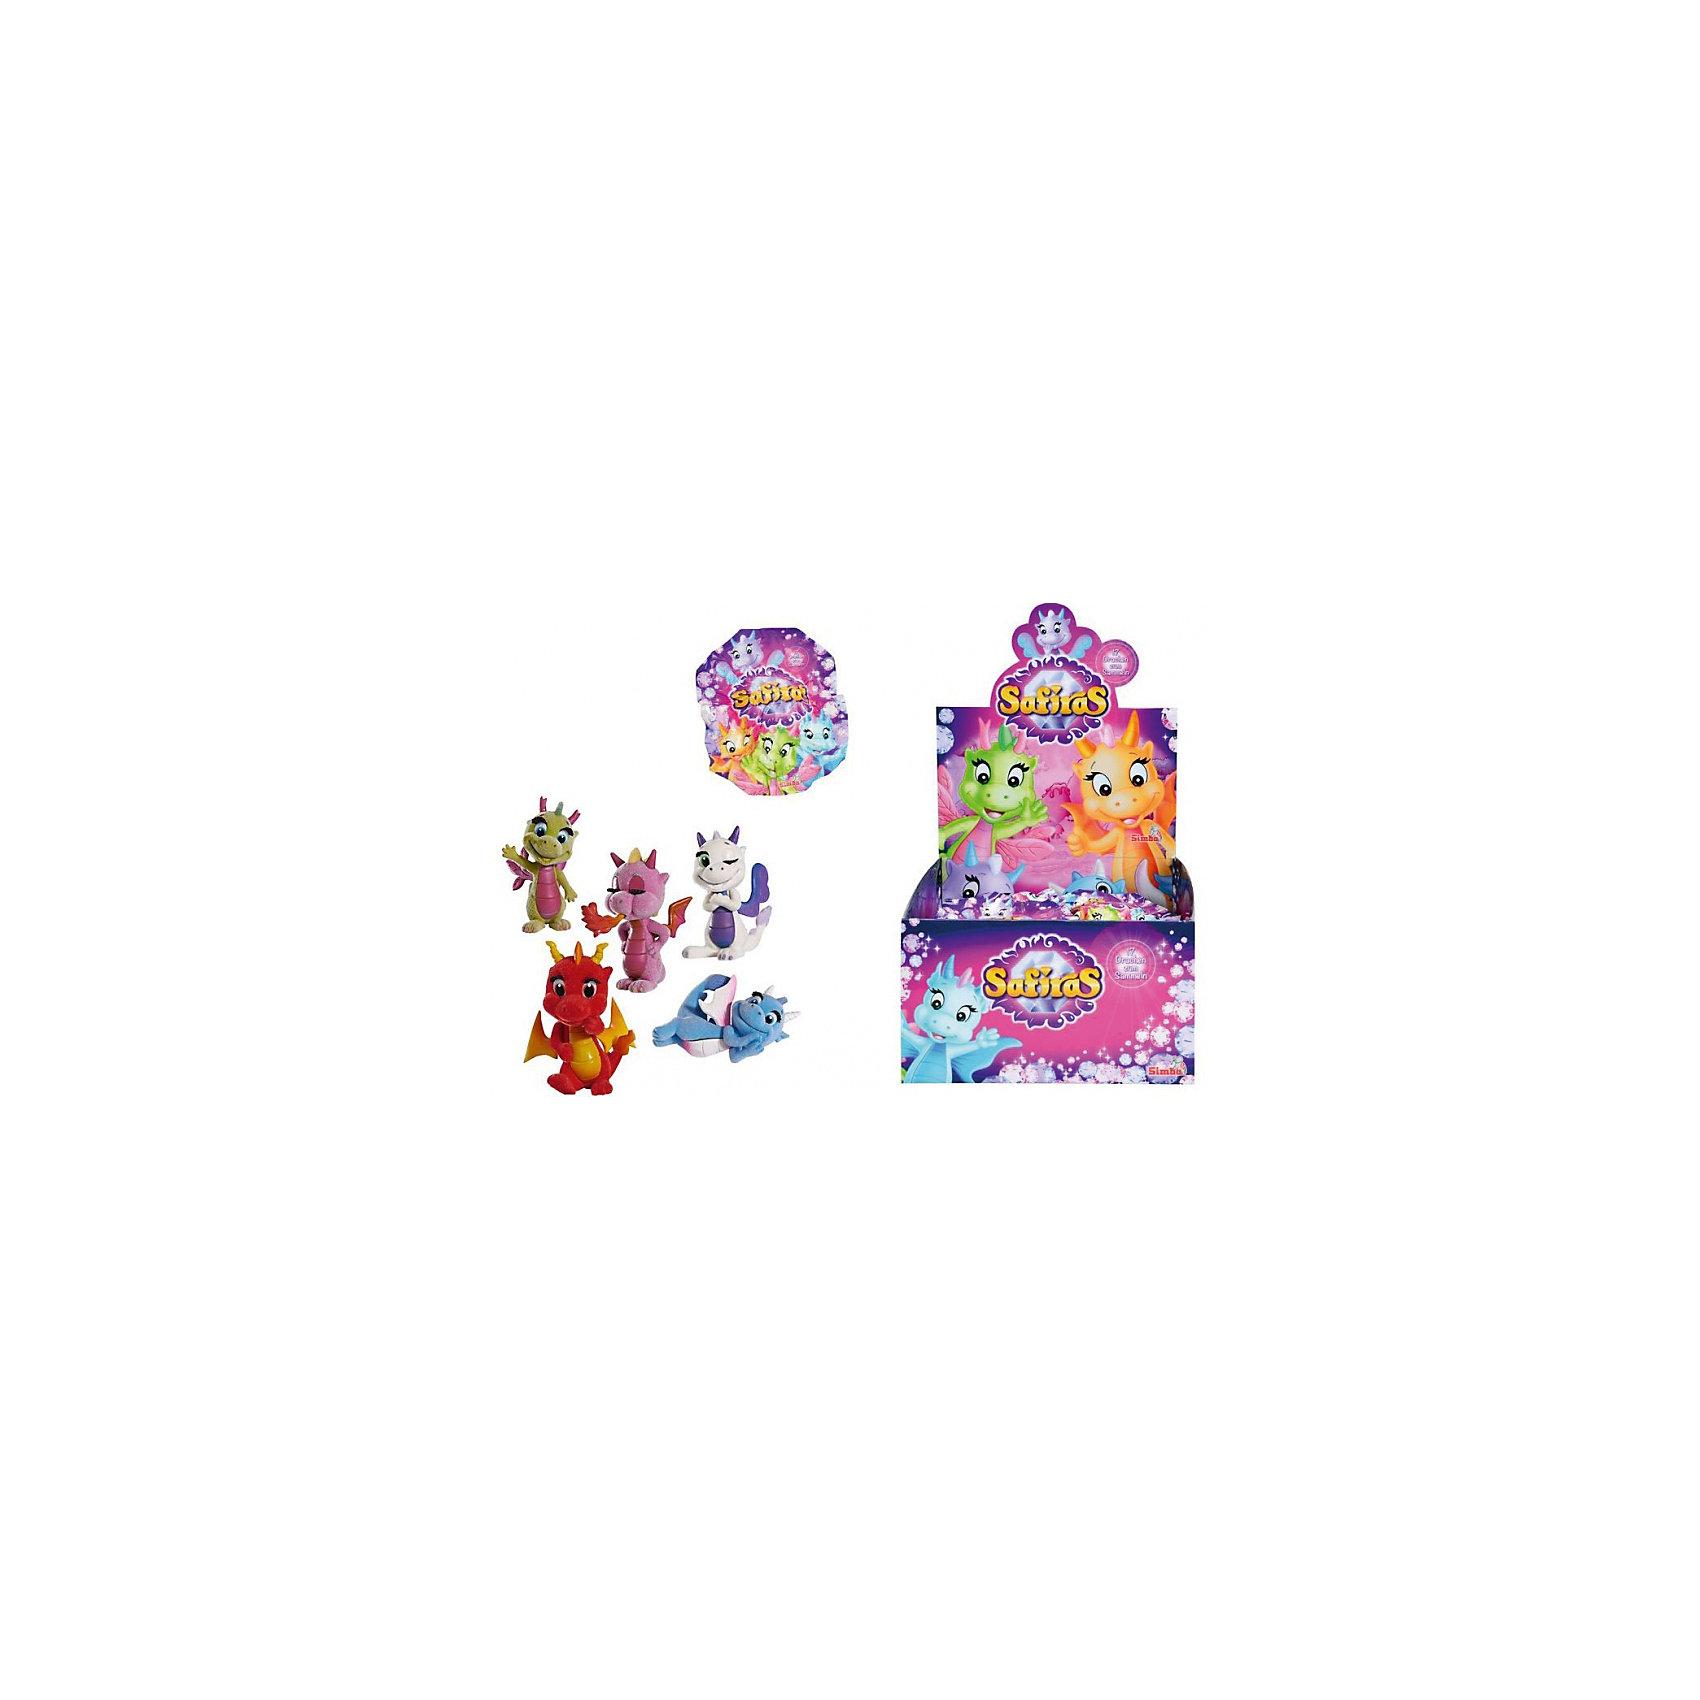 Фигурки дракончиков Safiras, 4 стихии, в ассортименте, SimbaДраконы и динозавры<br>Фигурки дракончиков Safiras, 4 стихии, в ассортименте, Simba (Симба) - это лучший подарок для малышей, ведь им так нравятся сюрпризы.<br>Фигурка дракончика Safiras. 4 стихии от компании Simba - это игрушка-сюрприз. В закрытом непрозрачном пакетике прячется маленький пяти-шестисантиметровый дракончик. Он изготовлен из флокированного пластика, который немного напоминает на ощупь бархат. Вы узнаете, какую фигурку получили, только когда откроете пакетик. К каждой игрушке прилагается карточка с описанием. Всего может быть 17 видов дракончиков, каждый из которых принадлежит к одной из четырех стихий: земли, воздуха, огня или воды. И только самый редкий экземпляр, по имени Драки, относится к теневым драконам. Попытайтесь собрать всю коллекцию, обмениваясь повторными фигурками с друзьями!<br><br>Дополнительная информация:<br><br>- В комплекте: 1 фигурка, буклет, карточка героя<br>- Материал: пластик, флок<br>- Высота фигурки: 5-6 см.<br>- Упаковка: фольгированный пакетик.<br>- ВНИМАНИЕ! Данный артикул представлен в разных вариантах исполнения. К сожалению, заранее выбрать определенный вариант невозможно. При заказе нескольких фигурок возможно получение одинаковых<br><br>Фигурки дракончиков Safiras, 4 стихии, в ассортименте, Simba (Симба) можно купить в нашем интернет-магазине.<br><br>Ширина мм: 141<br>Глубина мм: 116<br>Высота мм: 25<br>Вес г: 16<br>Возраст от месяцев: 36<br>Возраст до месяцев: 72<br>Пол: Женский<br>Возраст: Детский<br>SKU: 3930043